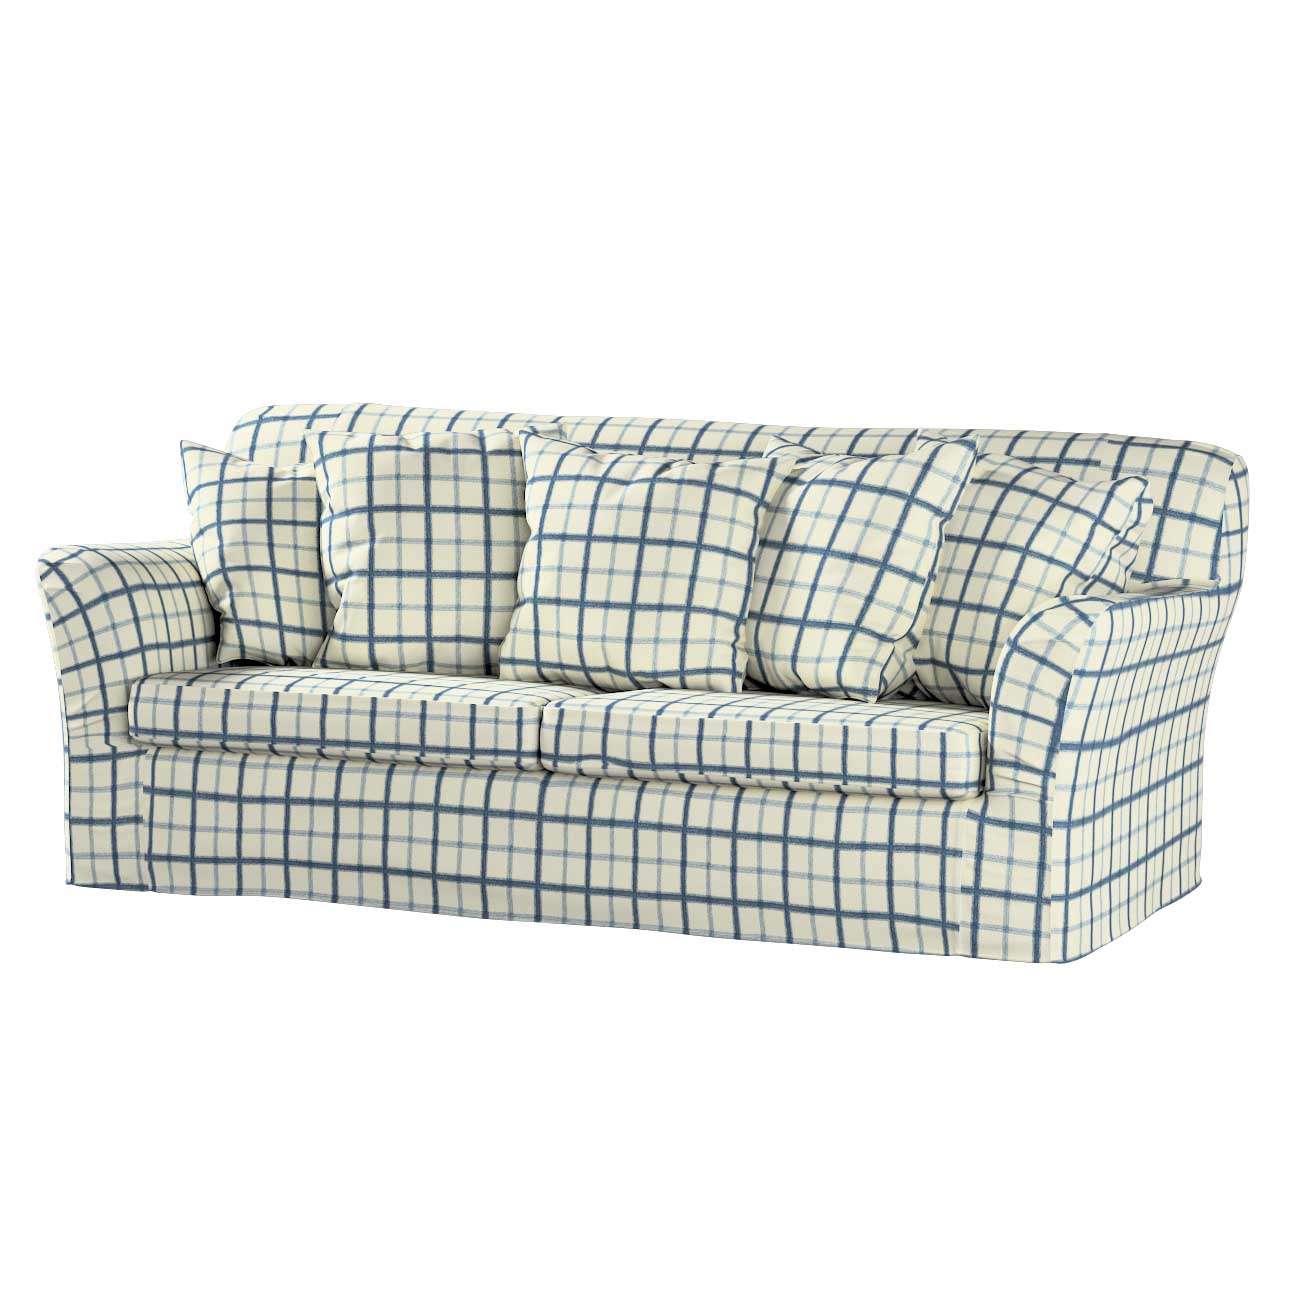 Pokrowiec na sofę Tomelilla 3-osobową rozkładaną Sofa Tomelilla rozkładana w kolekcji Avinon, tkanina: 131-66